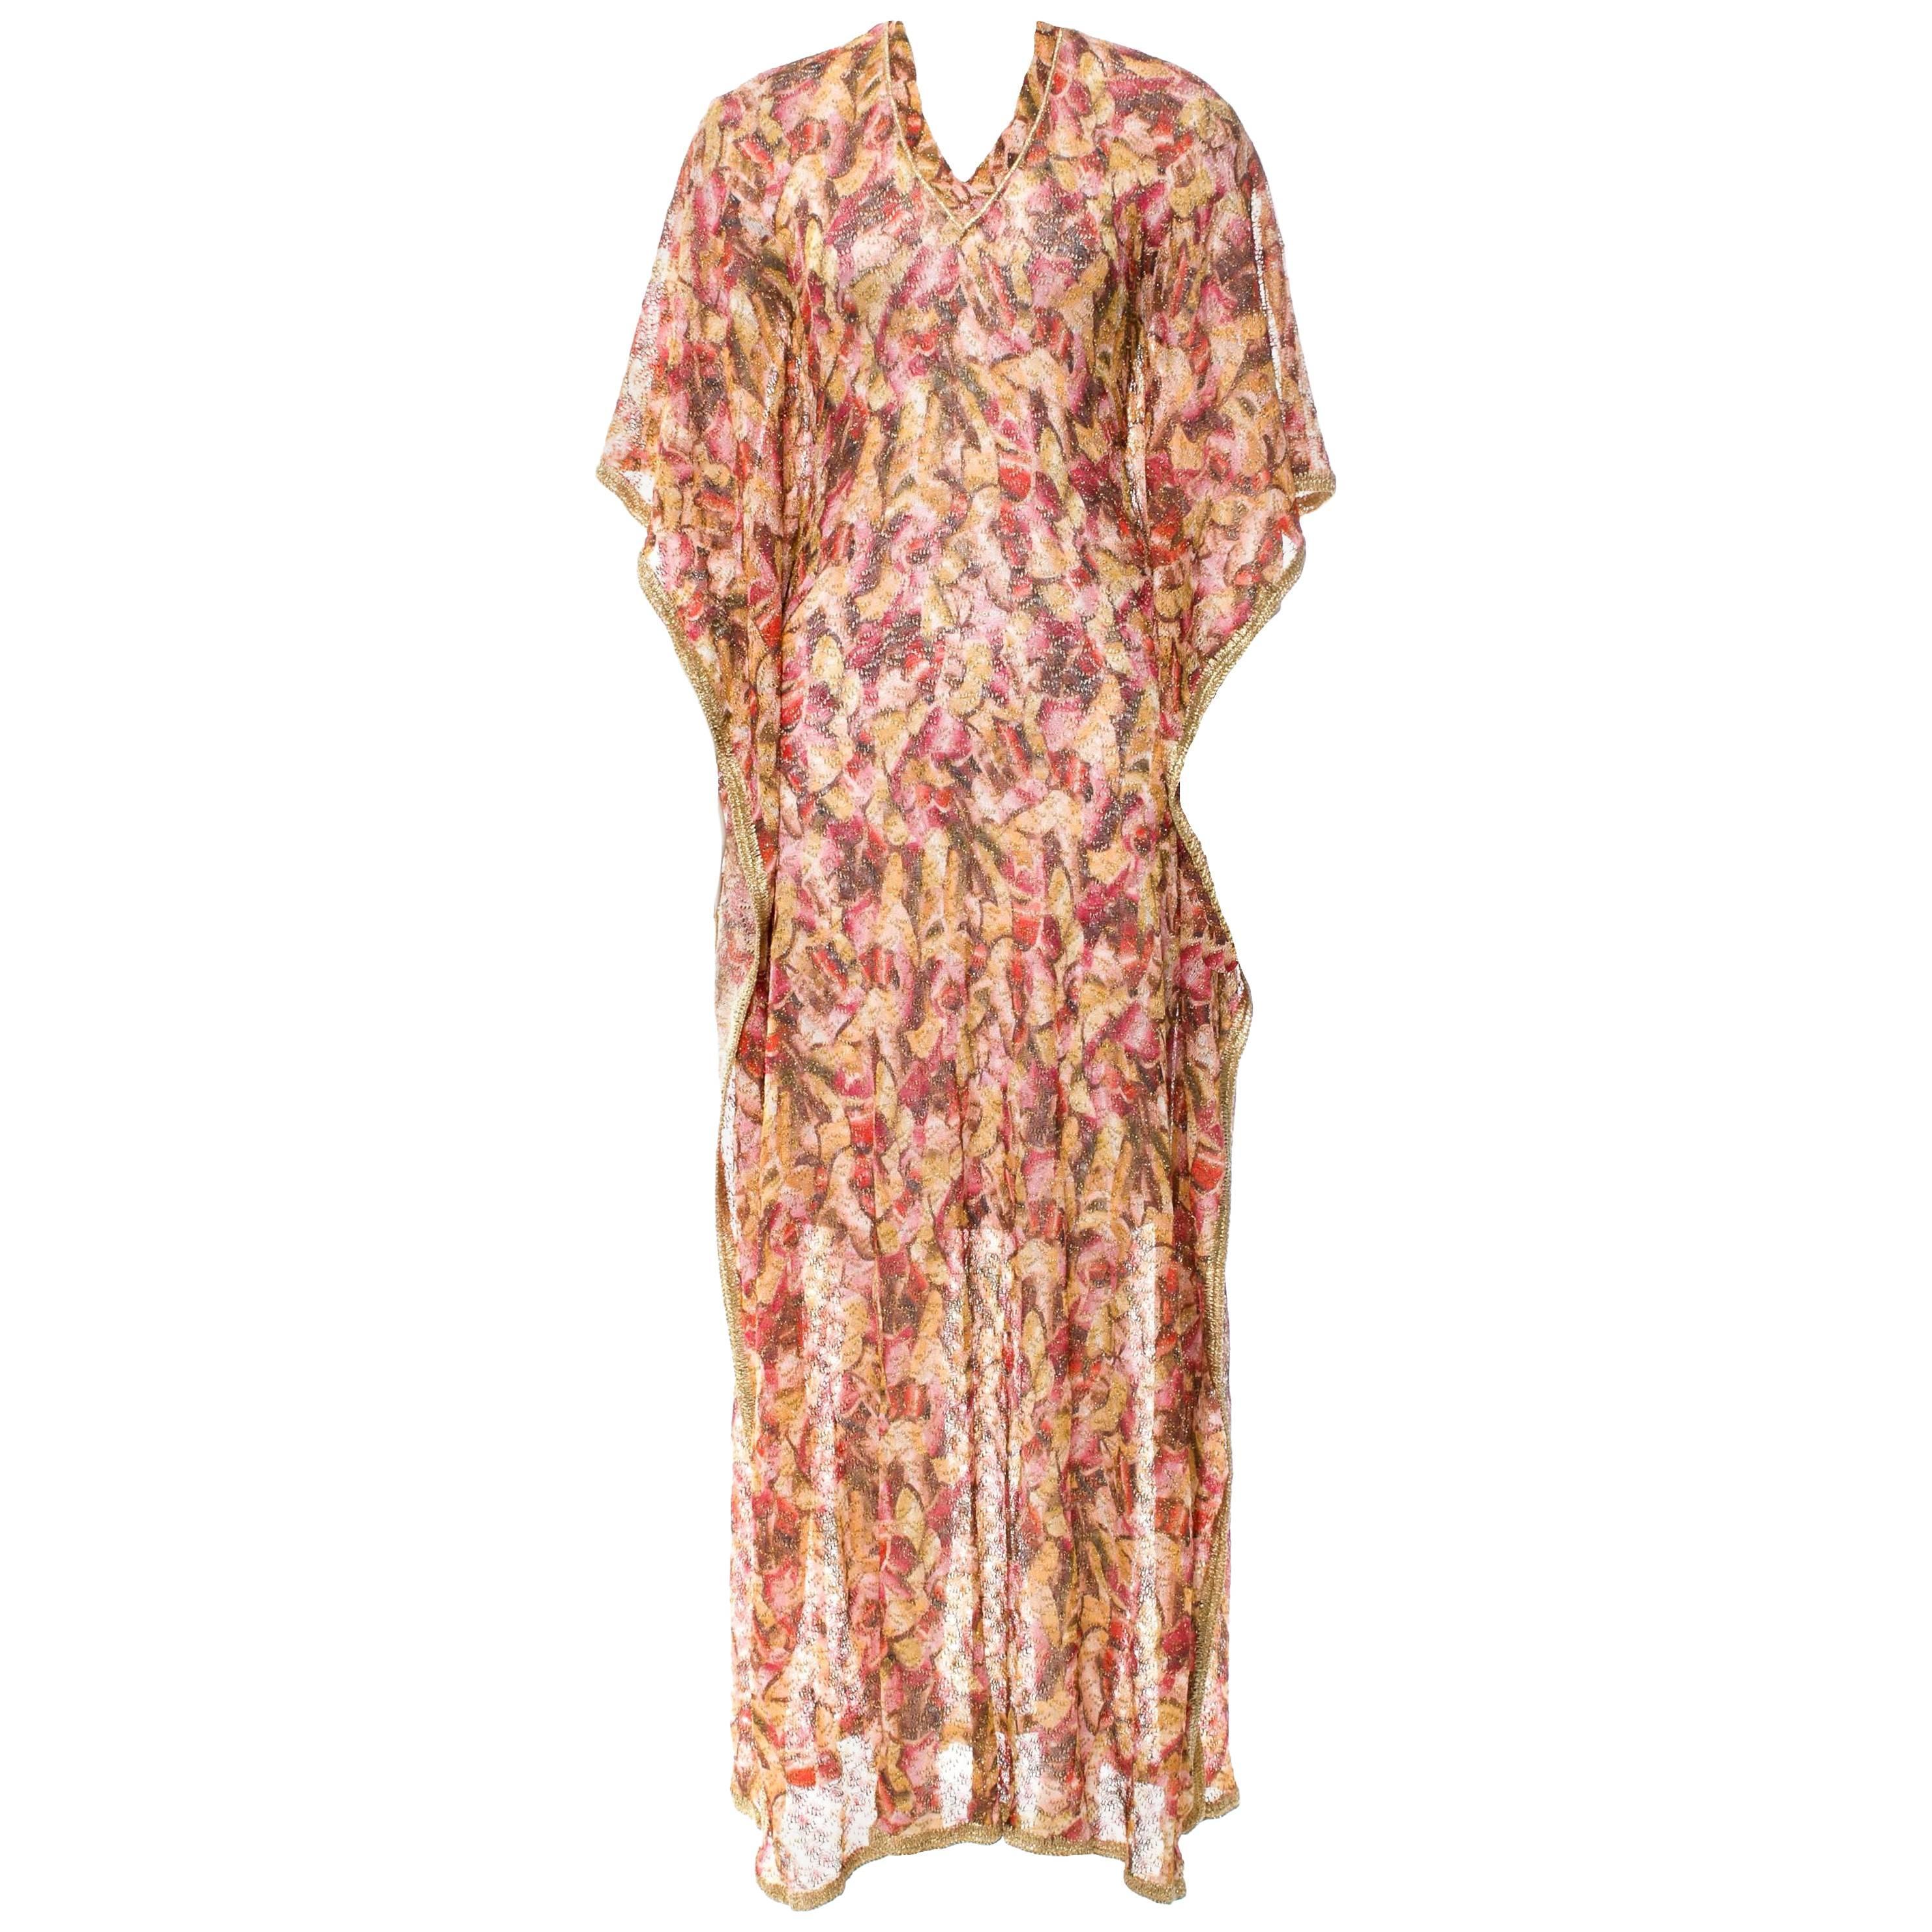 0a6b3f082854 Gorgeous Missoni Golden Lurex Kaftan Maxi Dress For Sale at 1stdibs